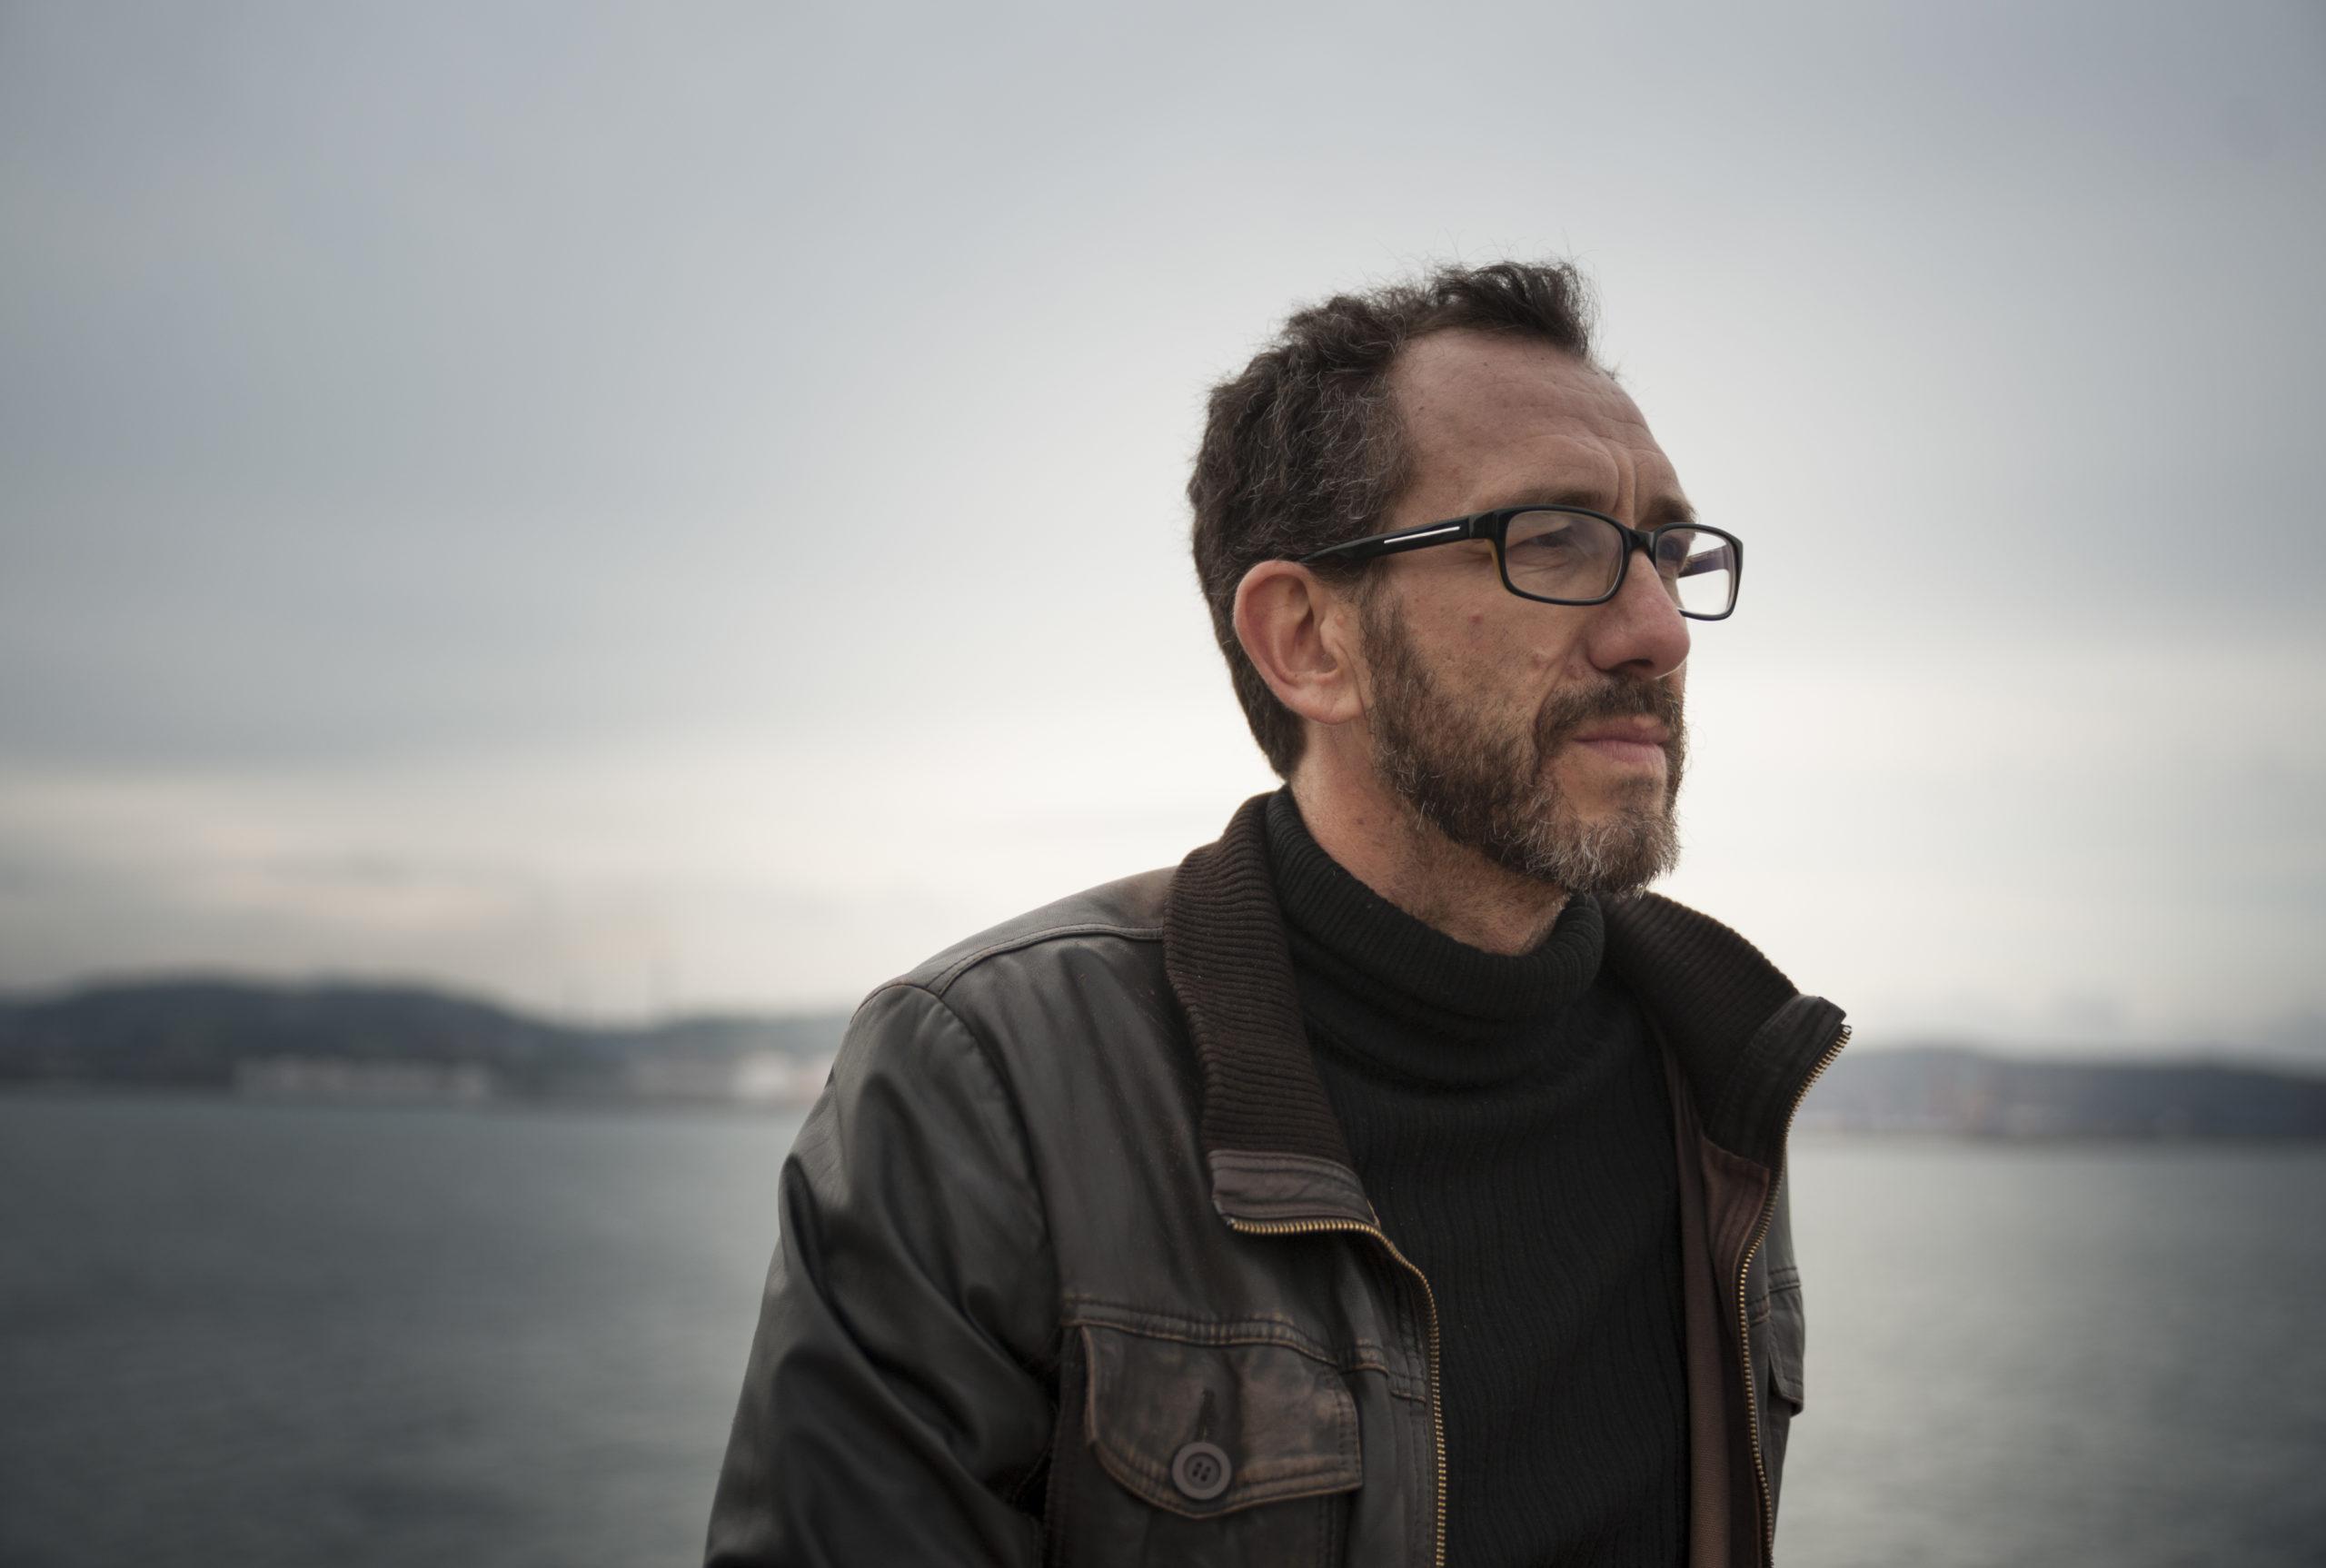 El escritor asturiano Ricardo Menéndez Salmón,  en Palabra